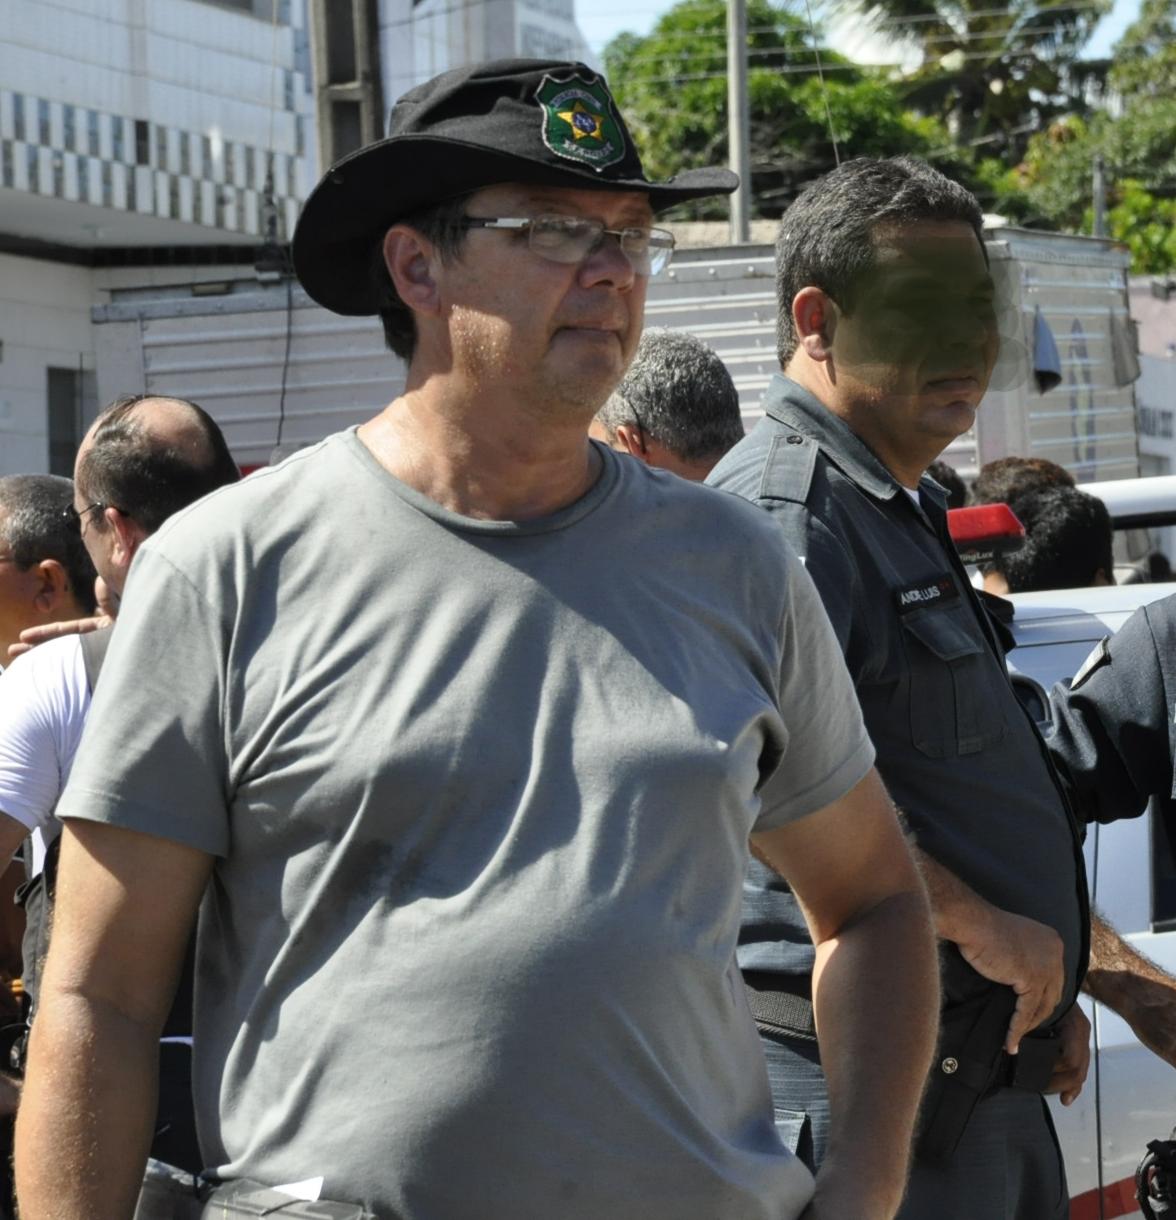 EXCLUSIVO – Jornalista é agredido por policial enquanto trabalhava em caso de homicídio